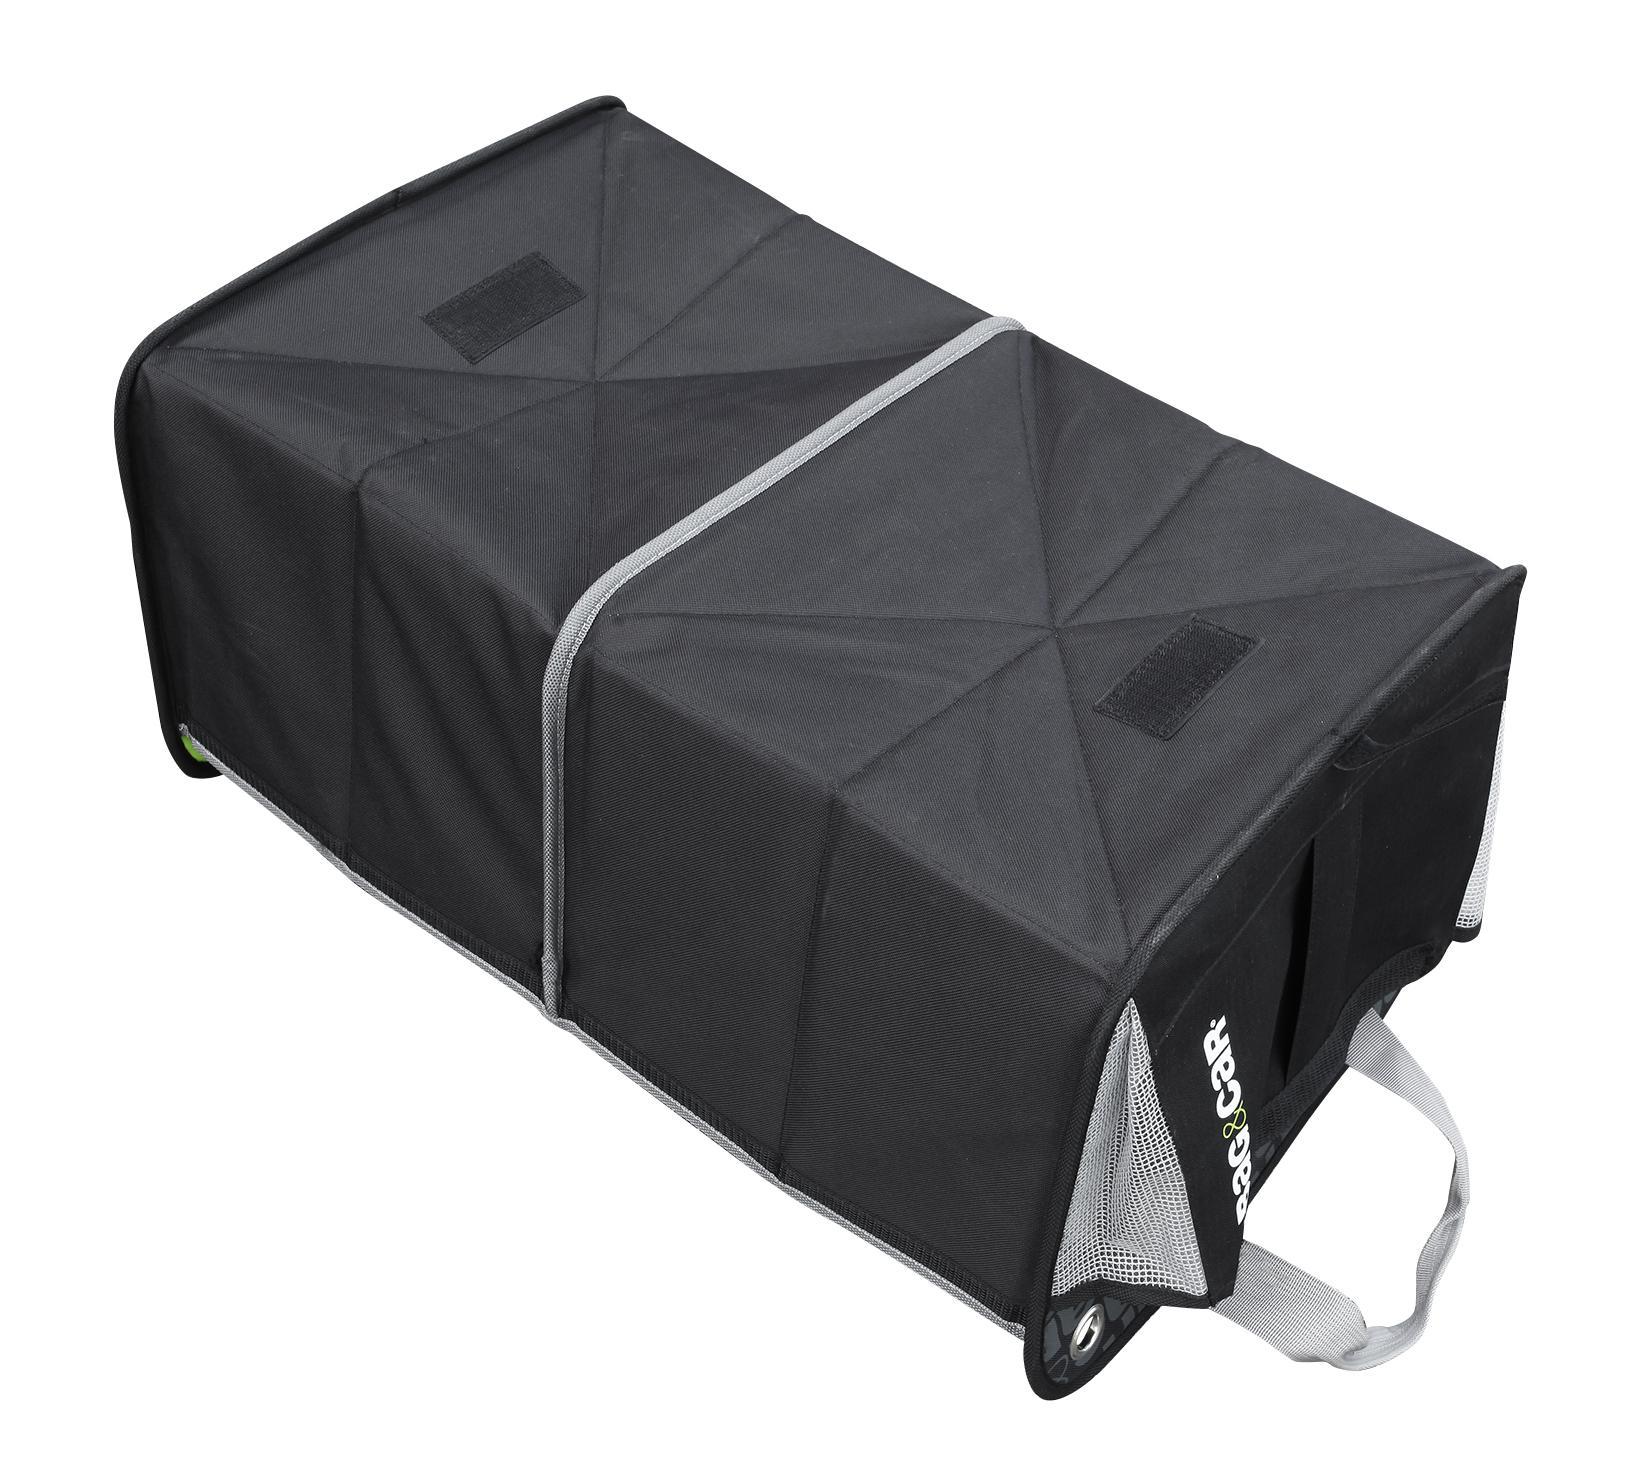 168006 Tavaratilan järjestelijä BAG&CAR - Kokemusta alennushintaan